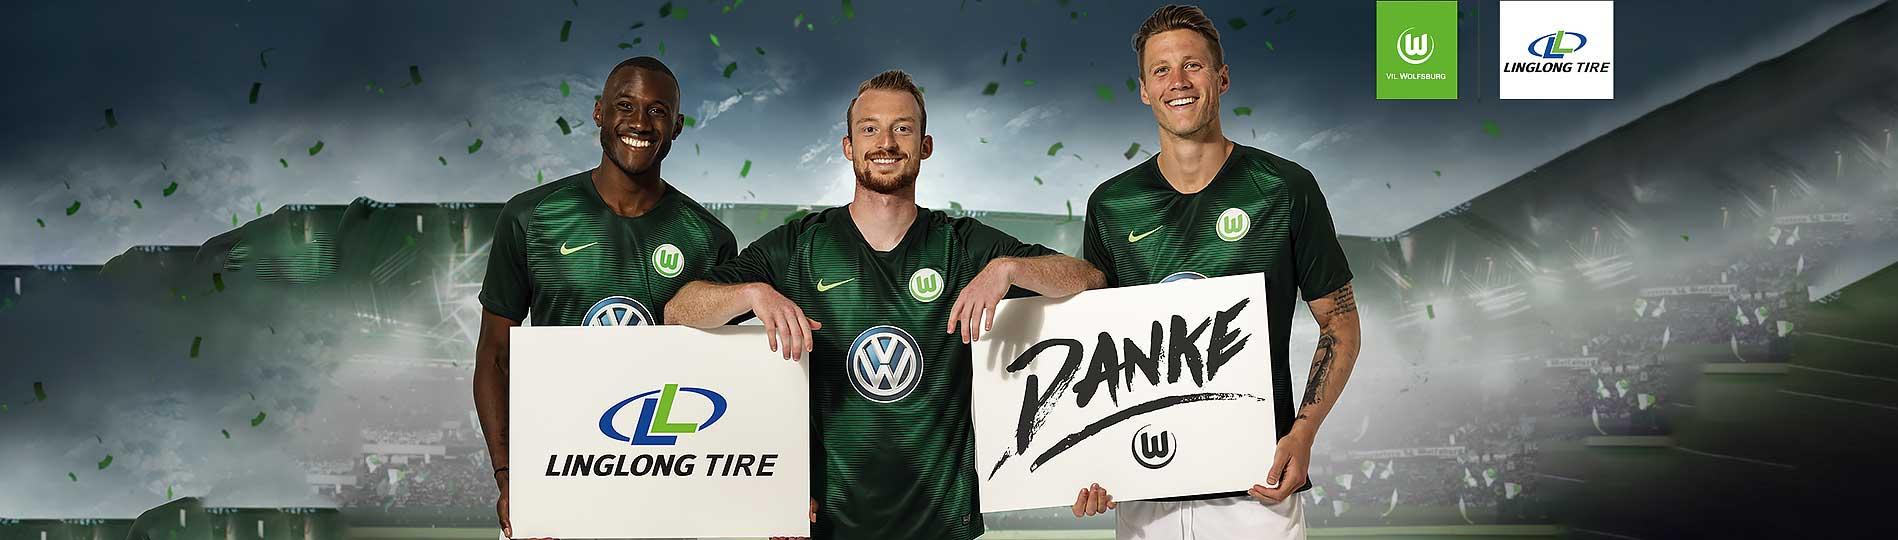 Linglong Tire und Vfl Wolfsburg bedanken sich